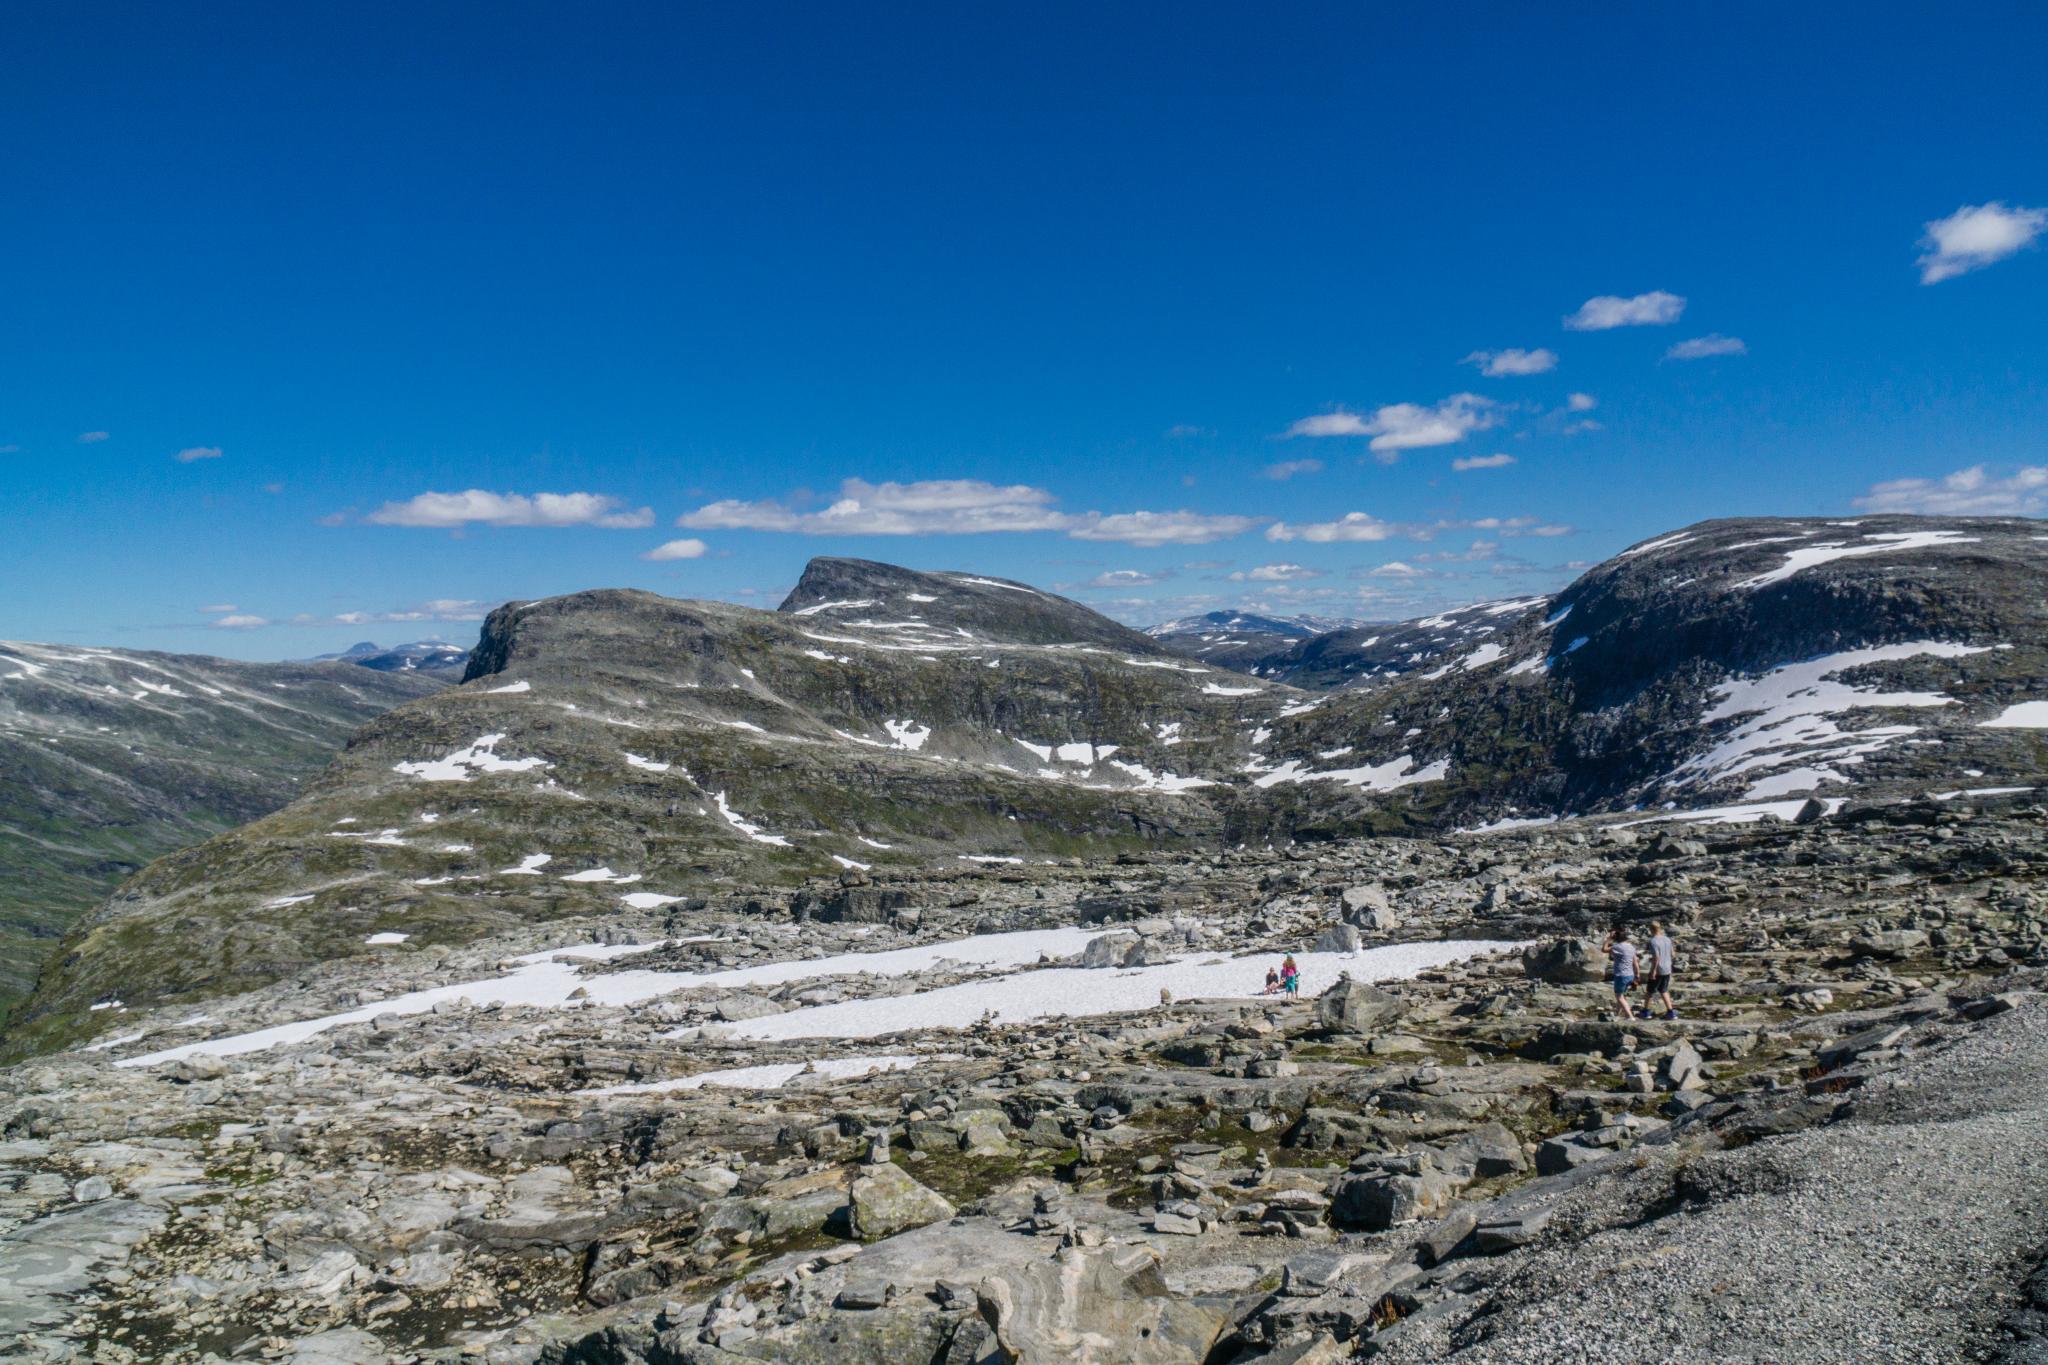 【北歐景點】歐洲最震撼的峽灣觀景台 — Dalsnibba Mountain Plateau 30